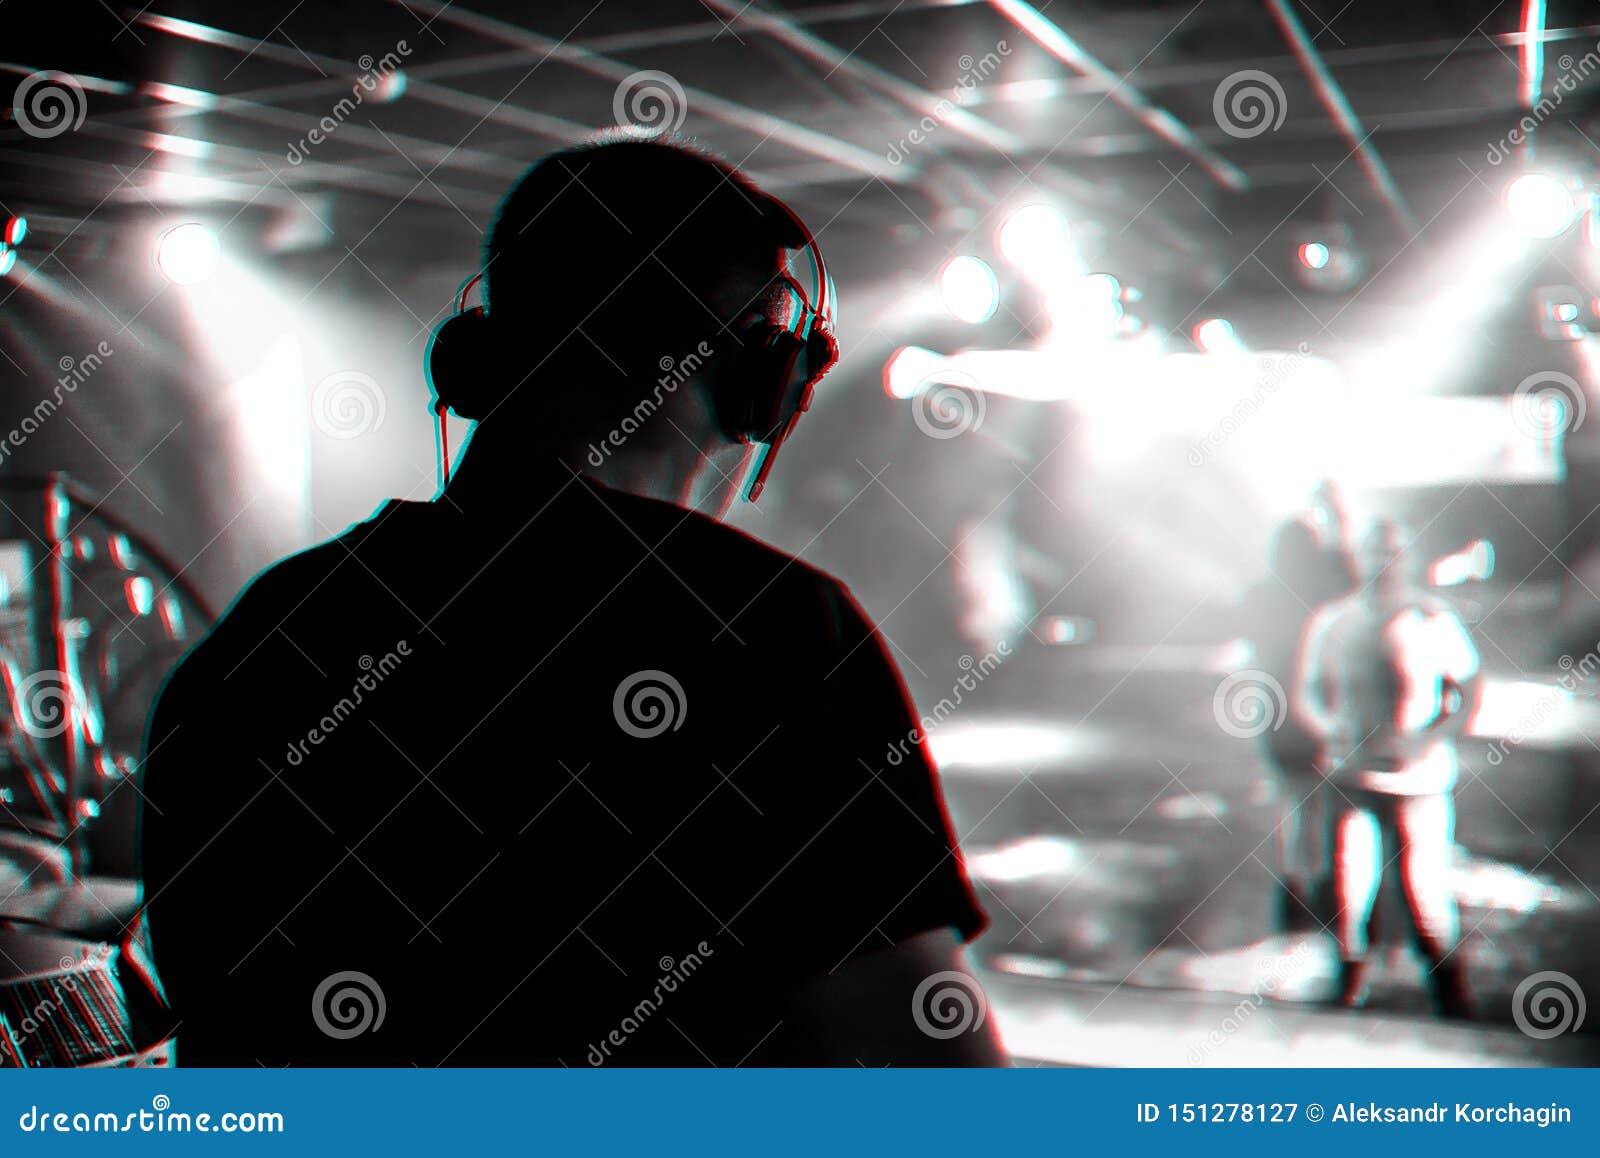 музыка в ночном клубе